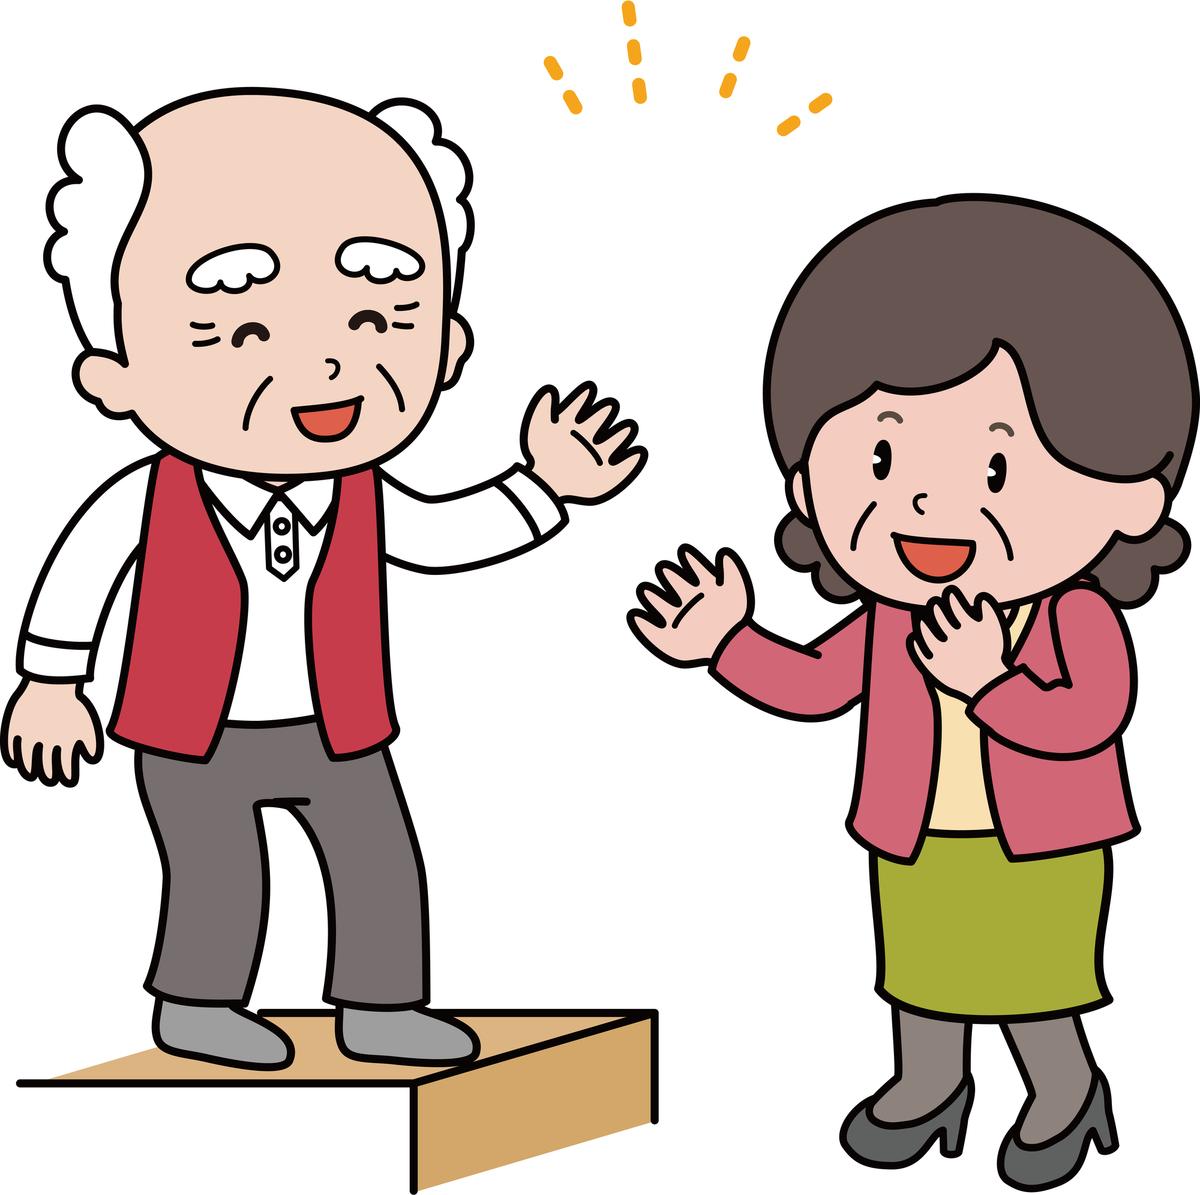 高齢者に関する相談ができるふれあい相談員とは?